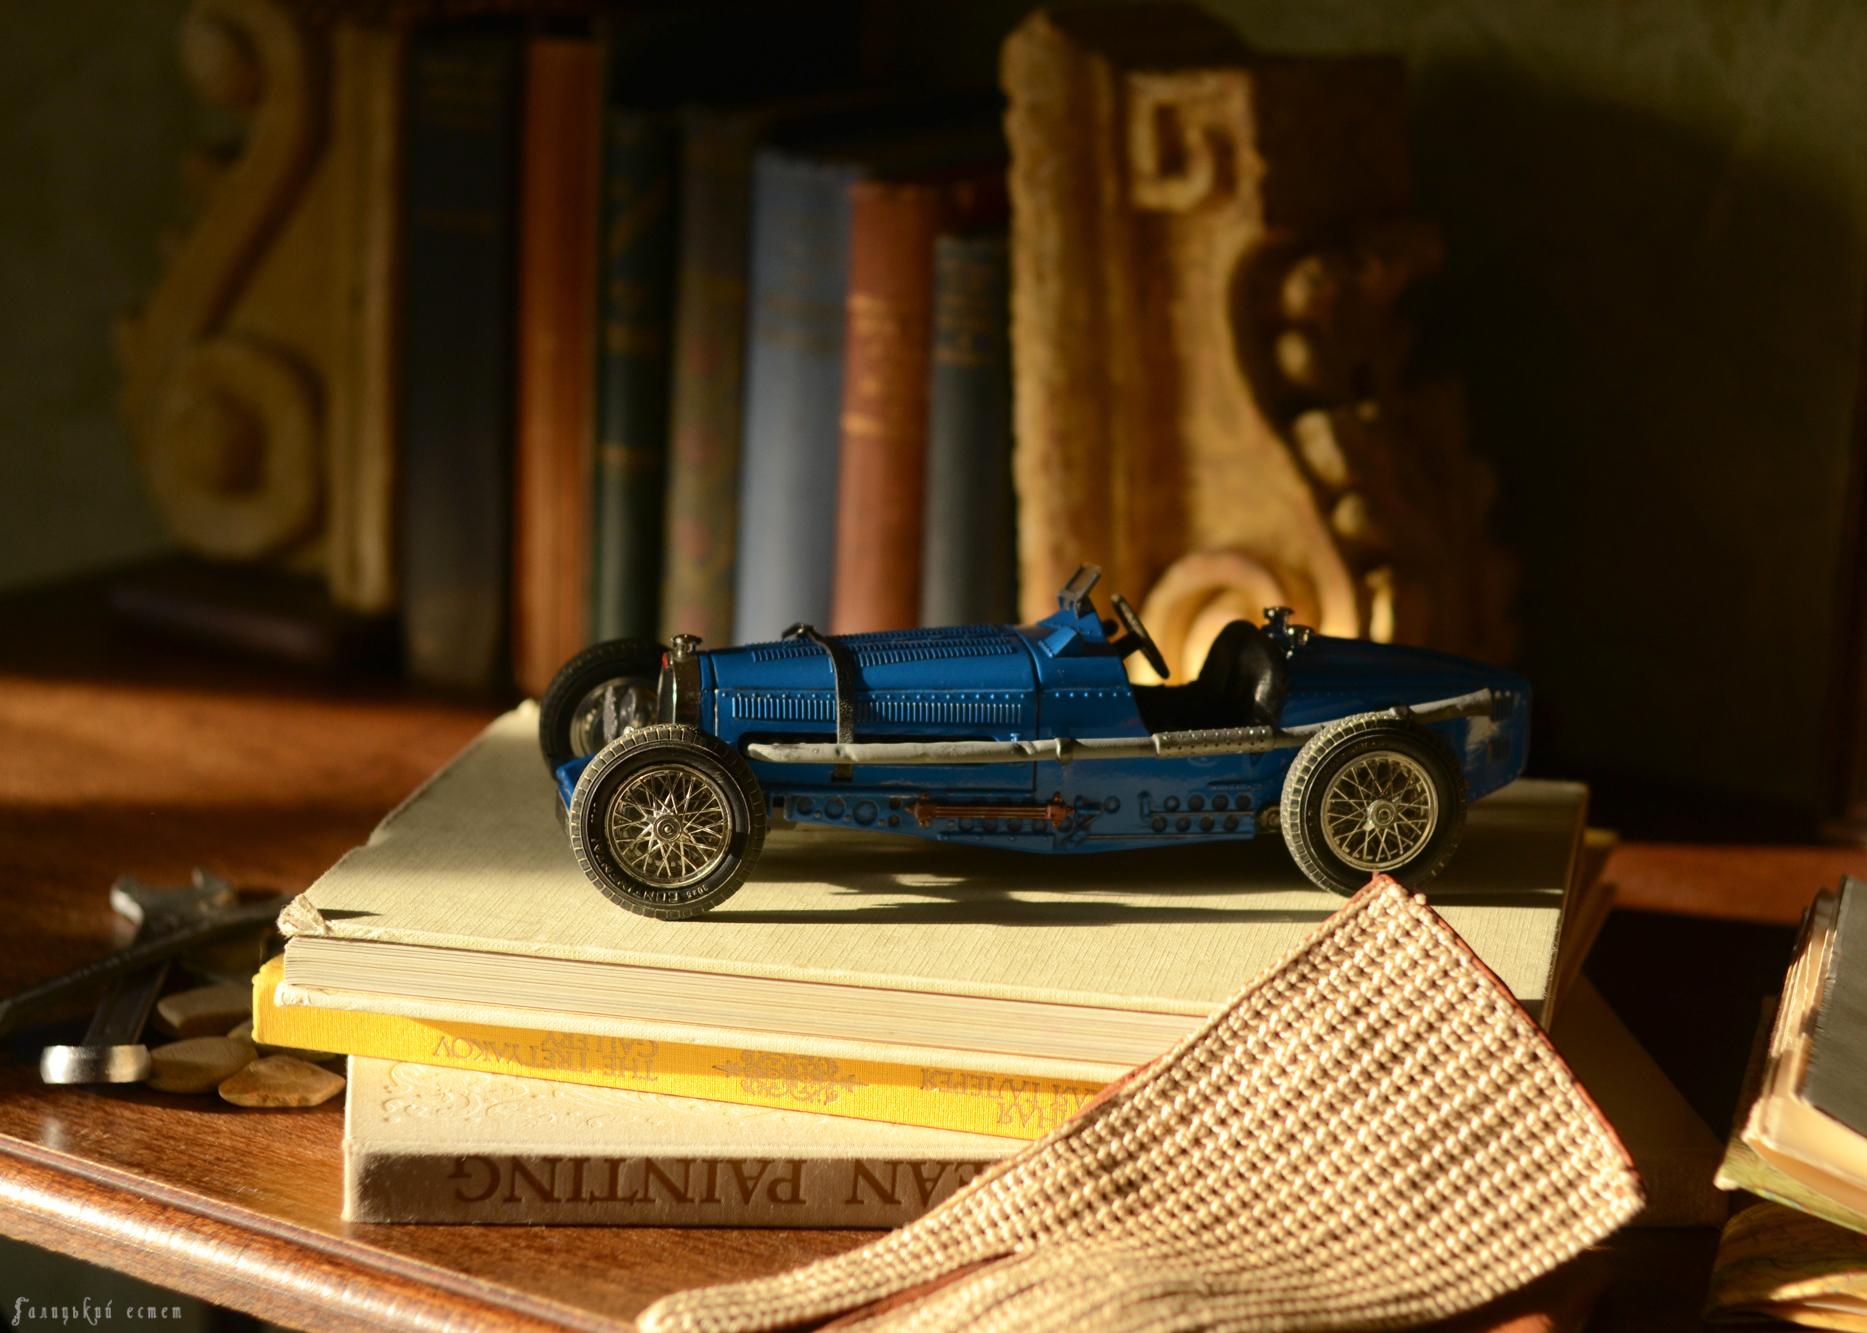 Still Life with Books and Bugatti model